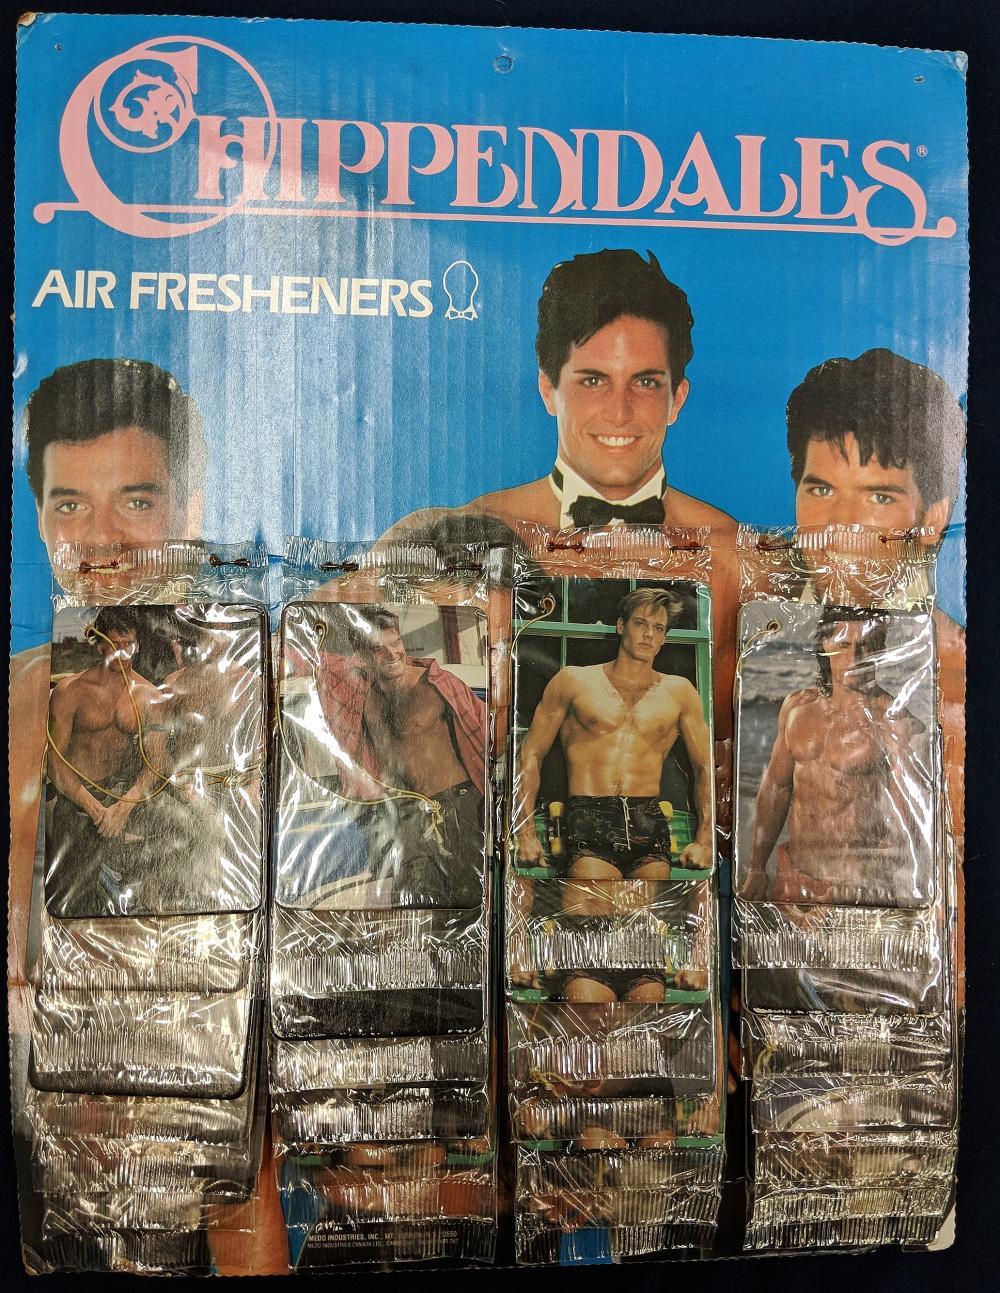 Vintage Chippendales Air Fresheners Display